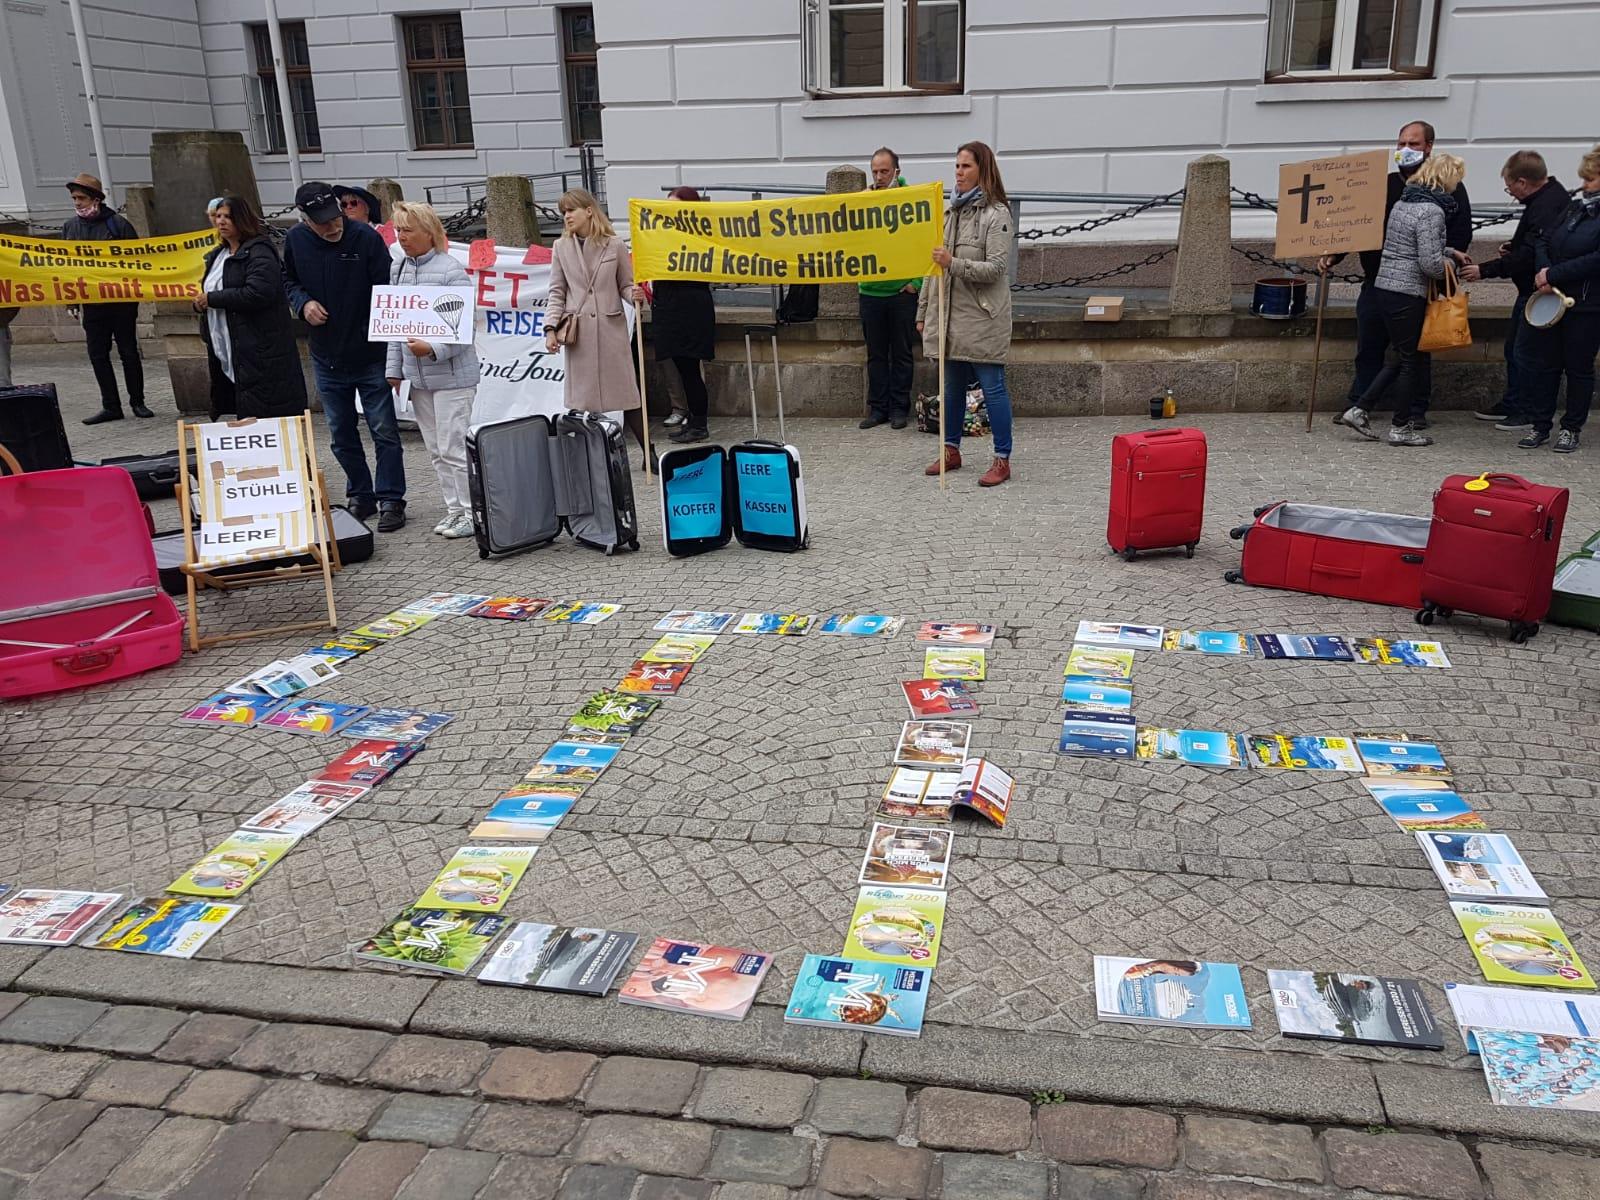 Reiseveranstalter demonstrieren in Schwerin